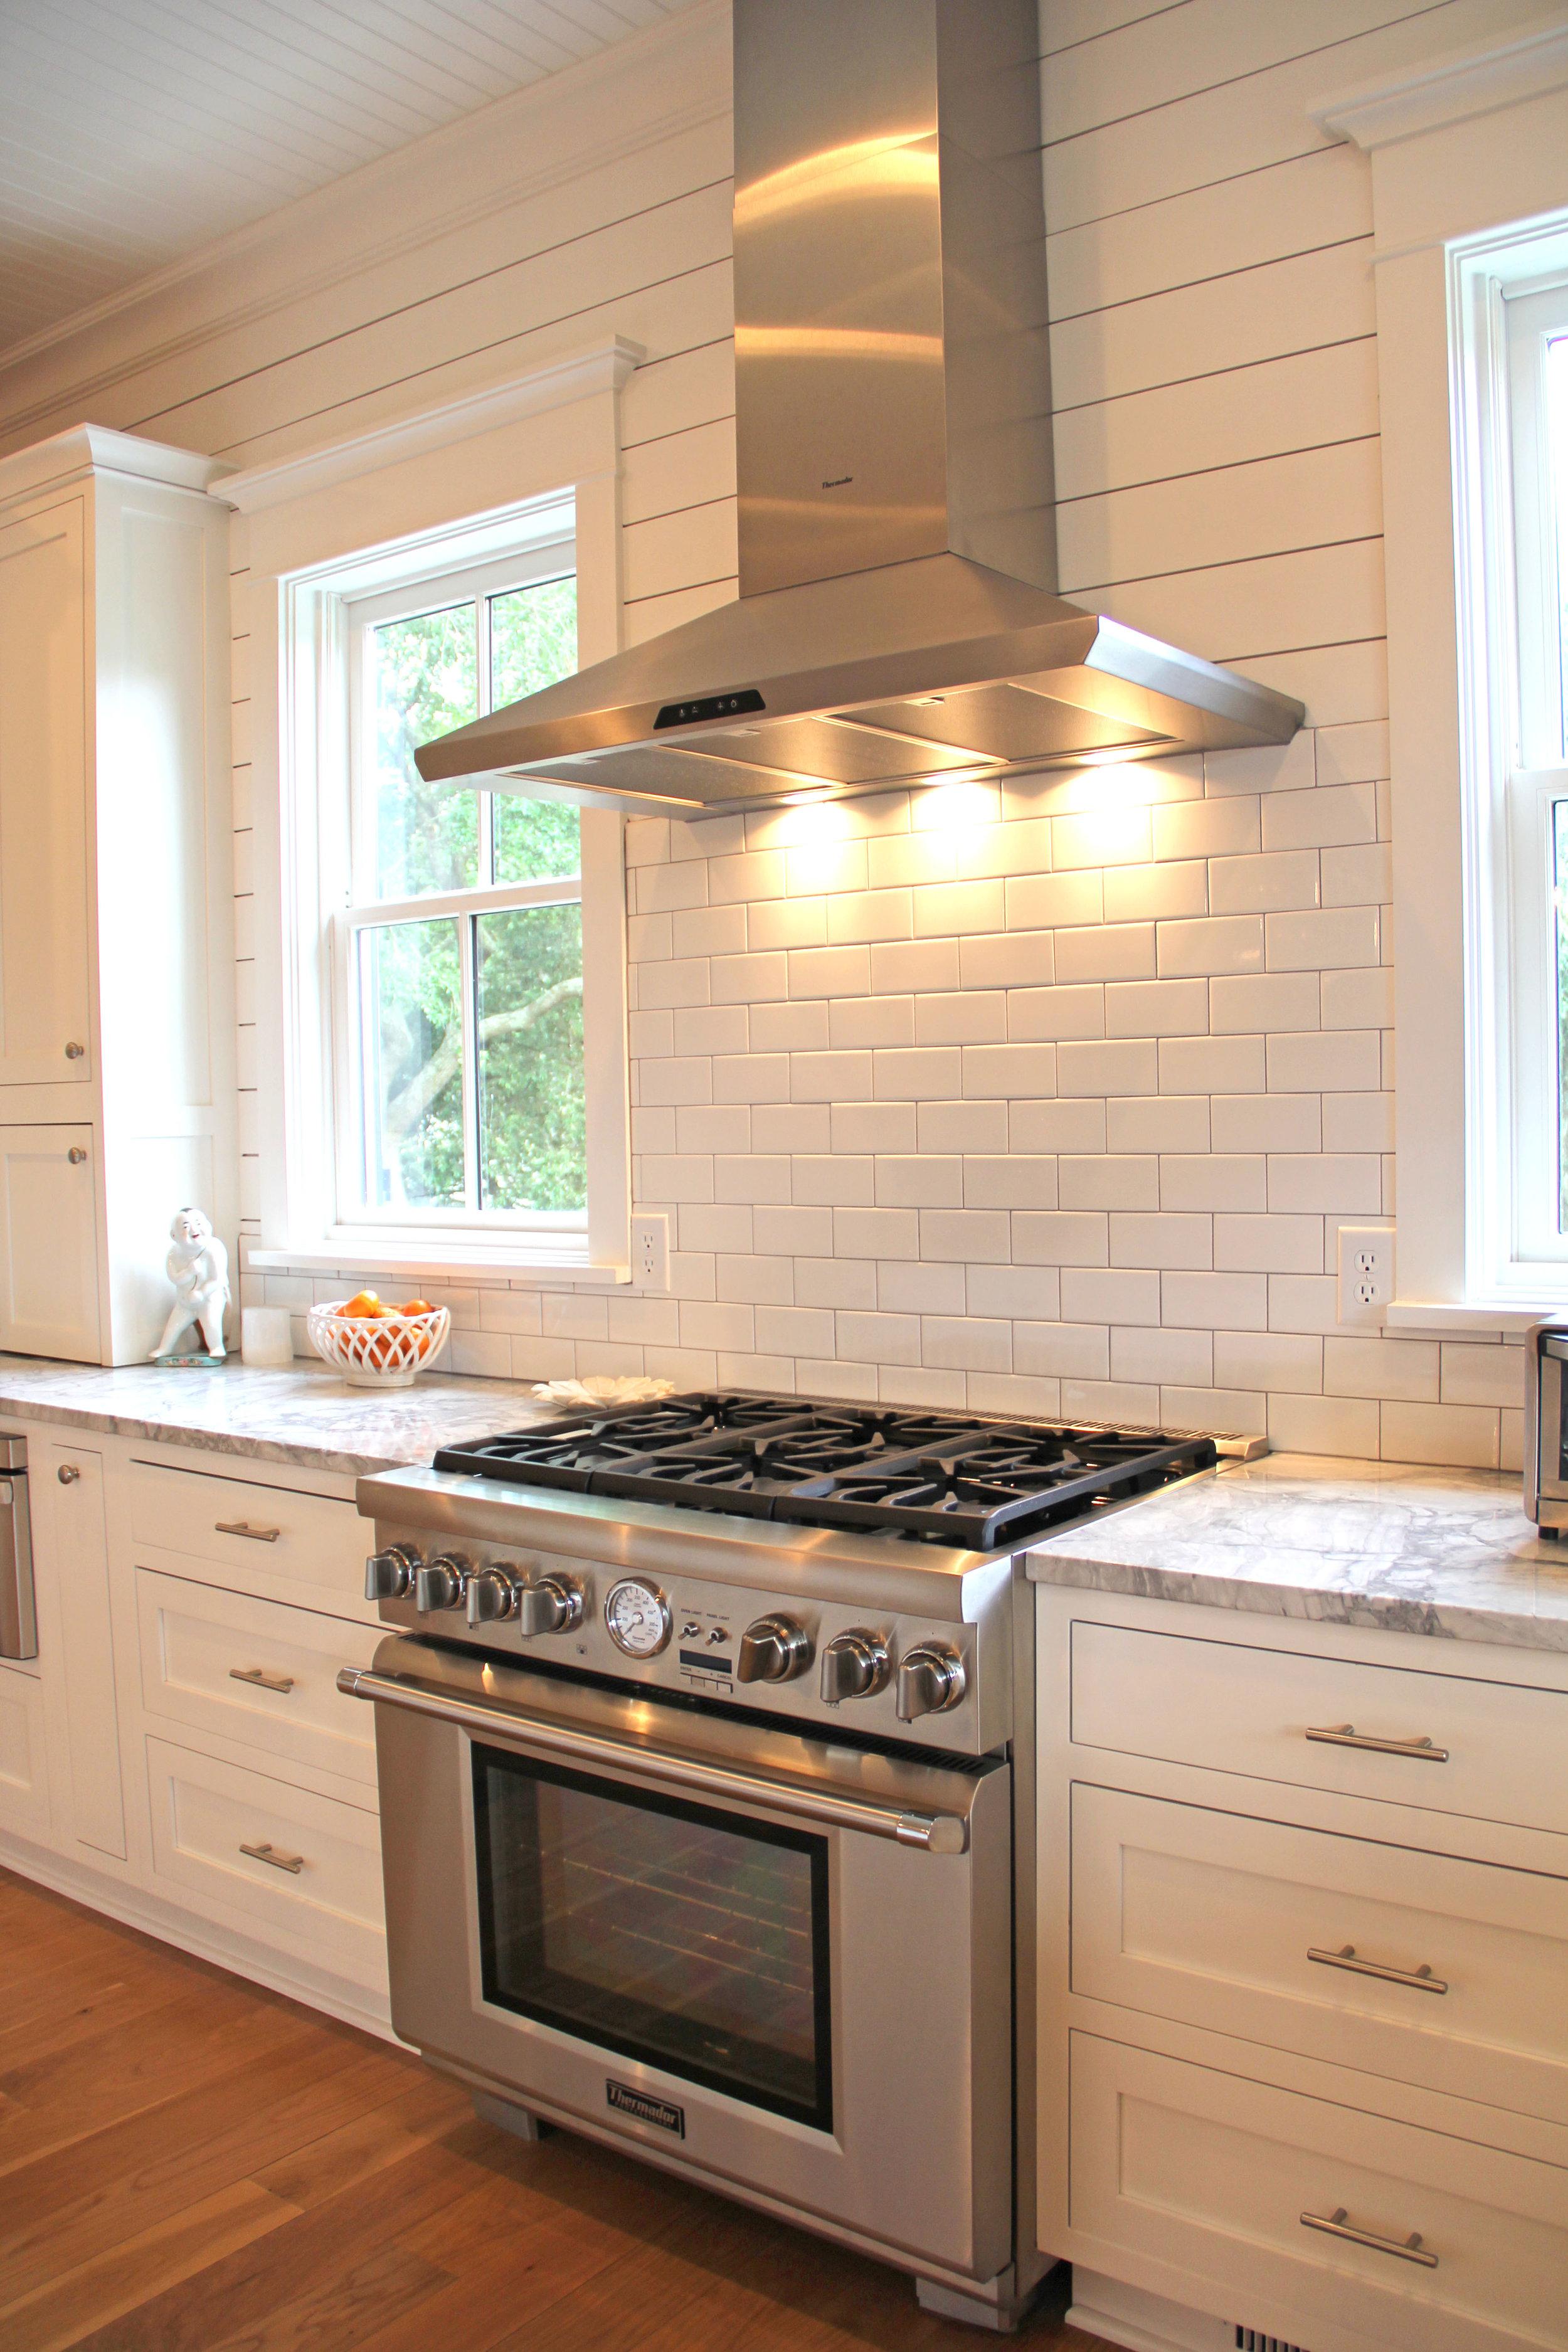 kitchen - range.jpg